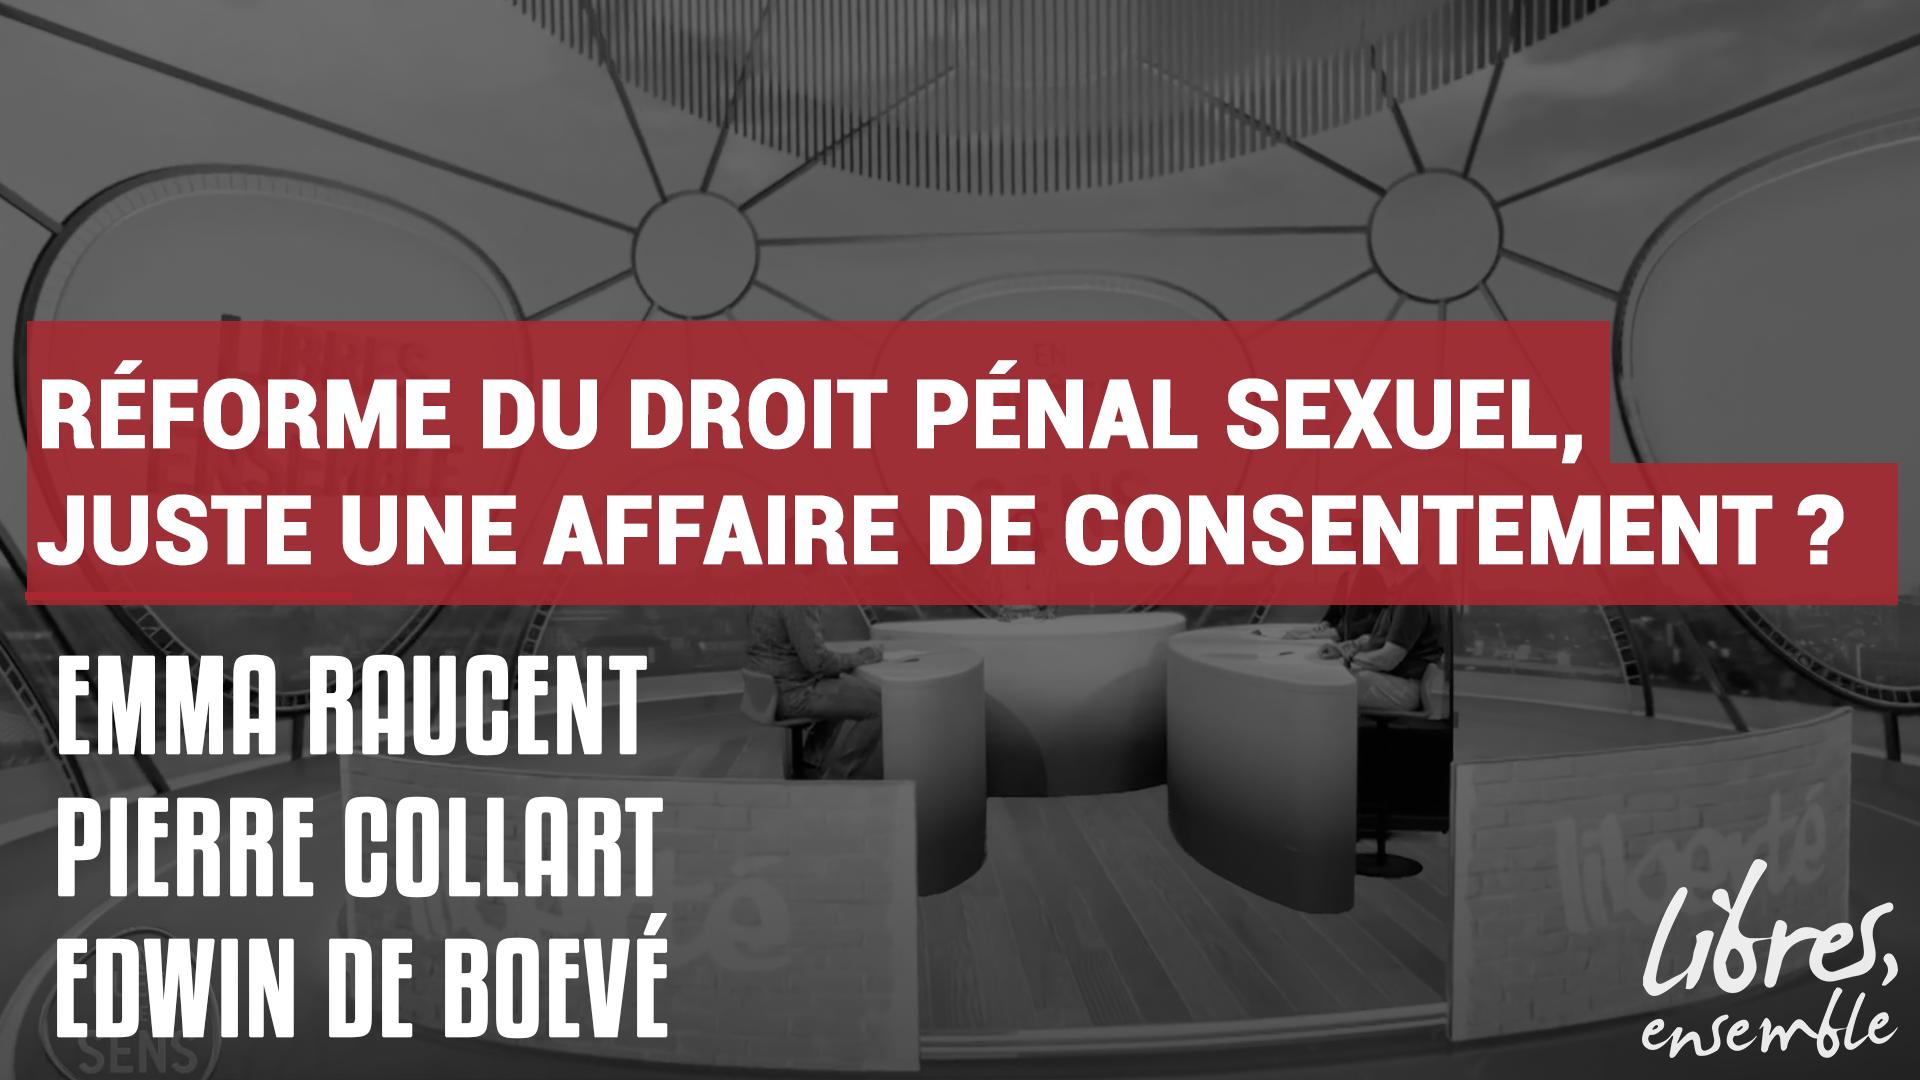 Réforme du droit pénal sexuel, juste une affaire de consentement ?